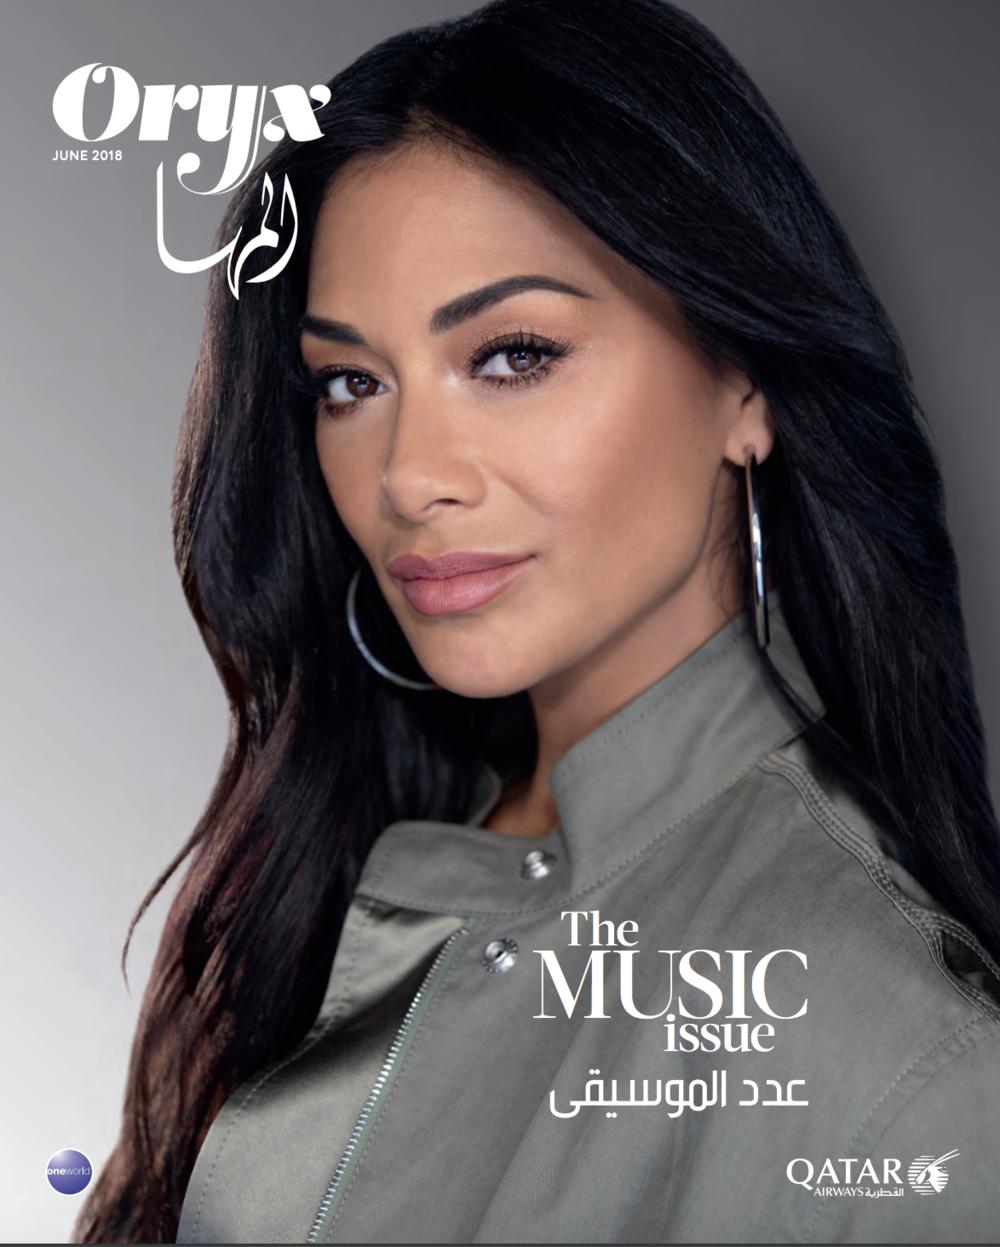 Qatar Airways Oryx In-Flight Magazine June 2018